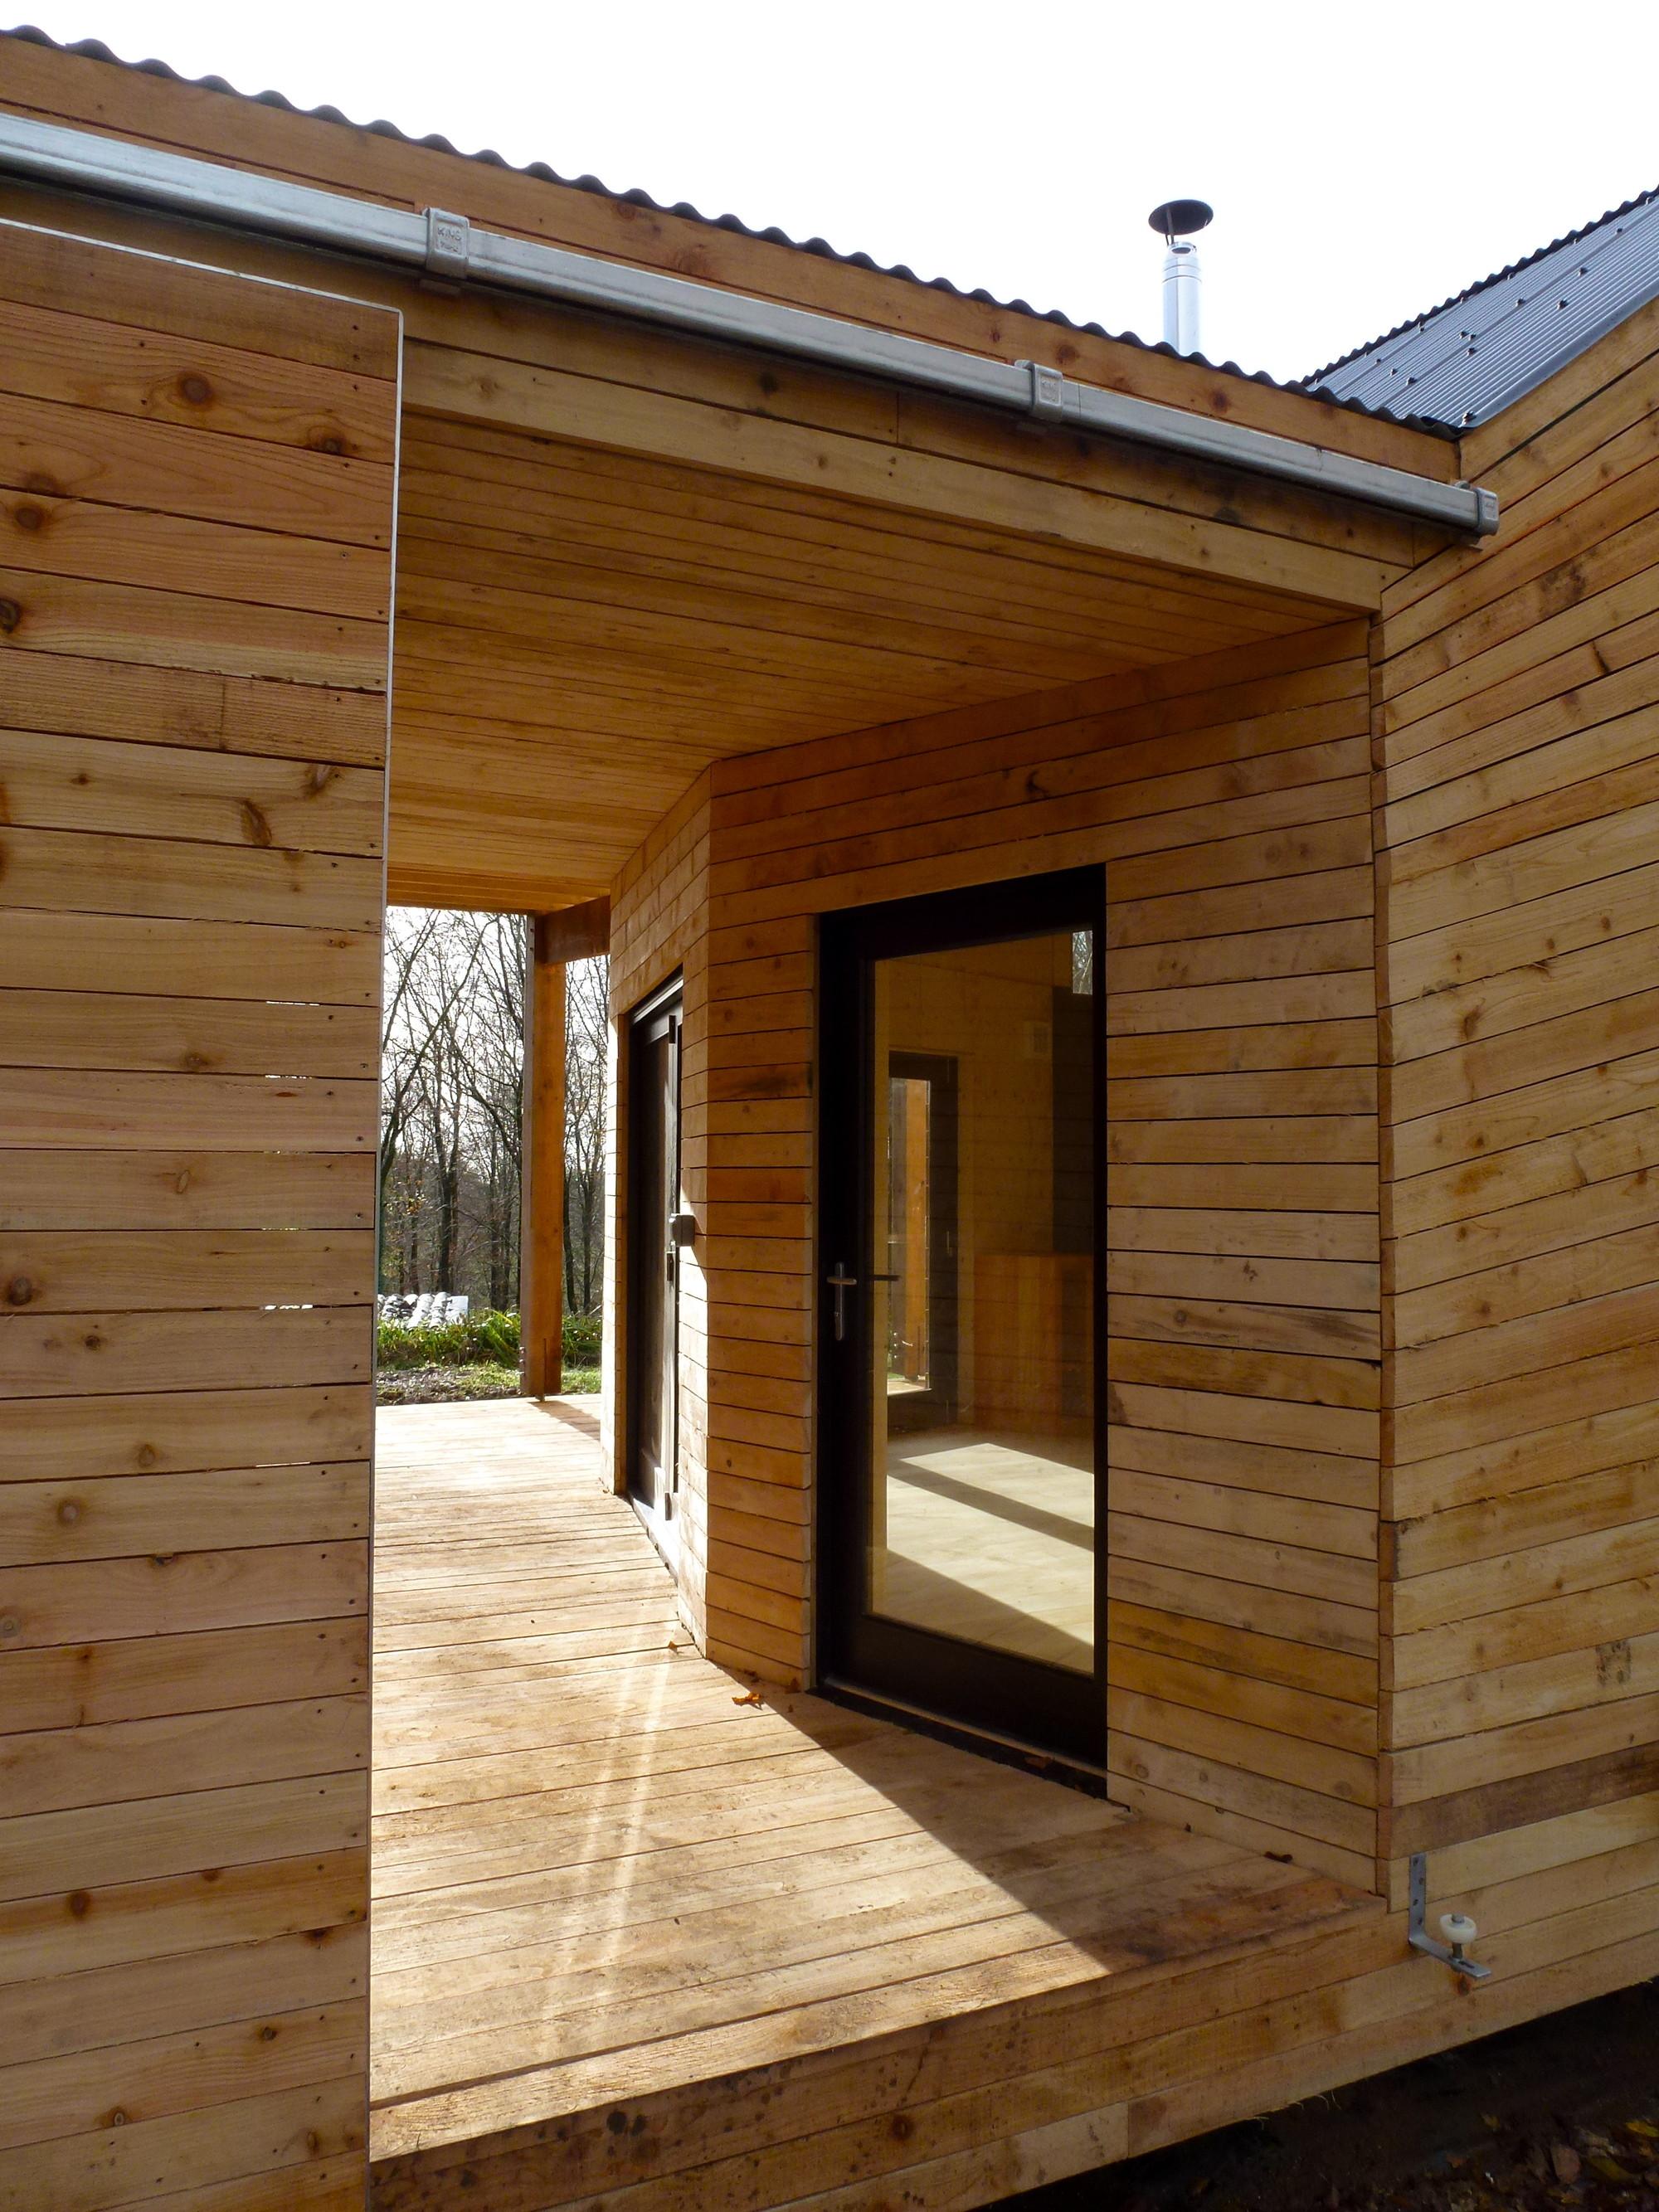 Caretaker's House / Invisible Studio